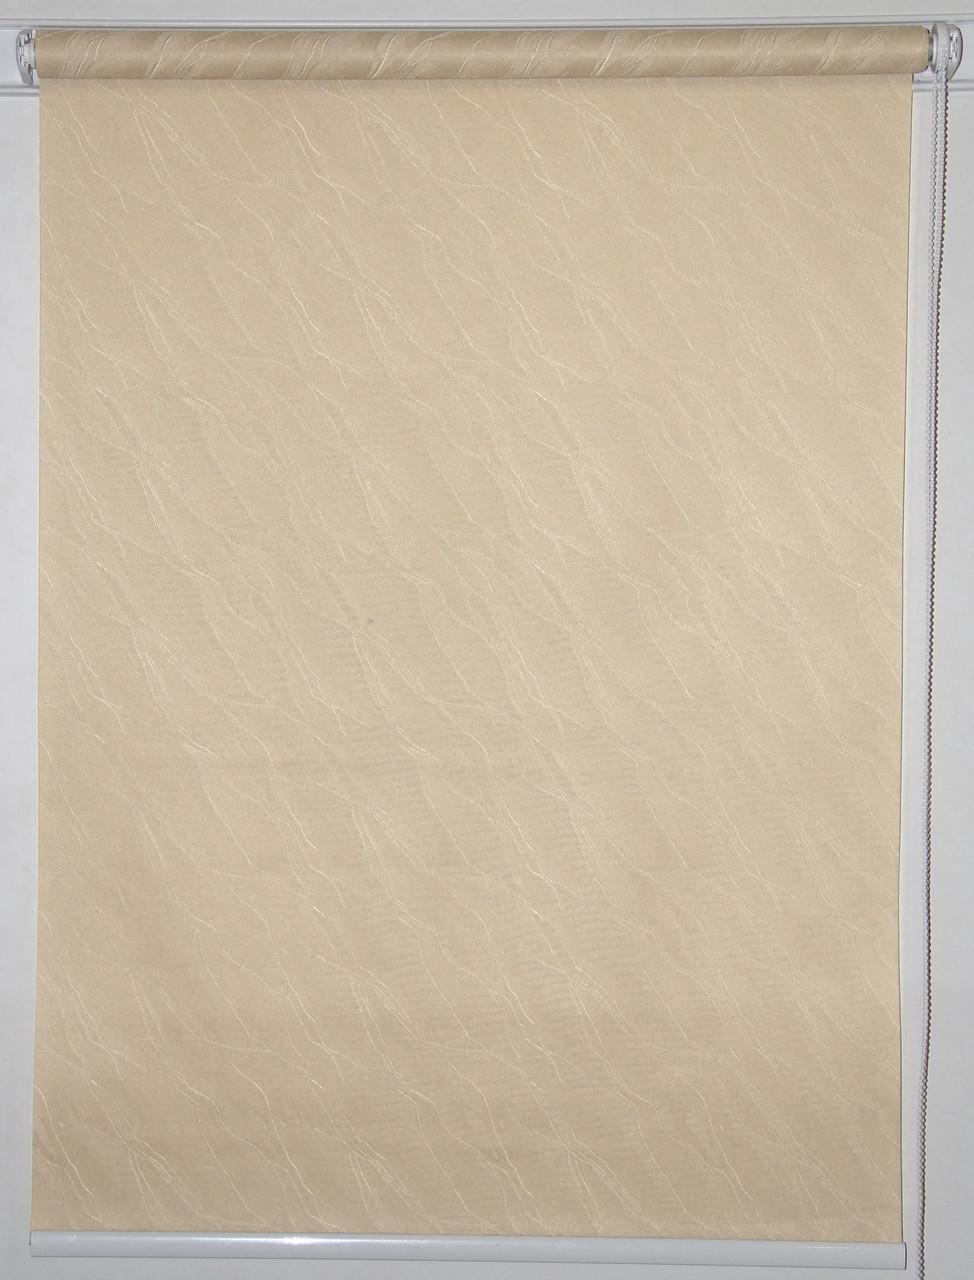 Готовые рулонные шторы 1400*1500 Ткань Вода 1839 Какао